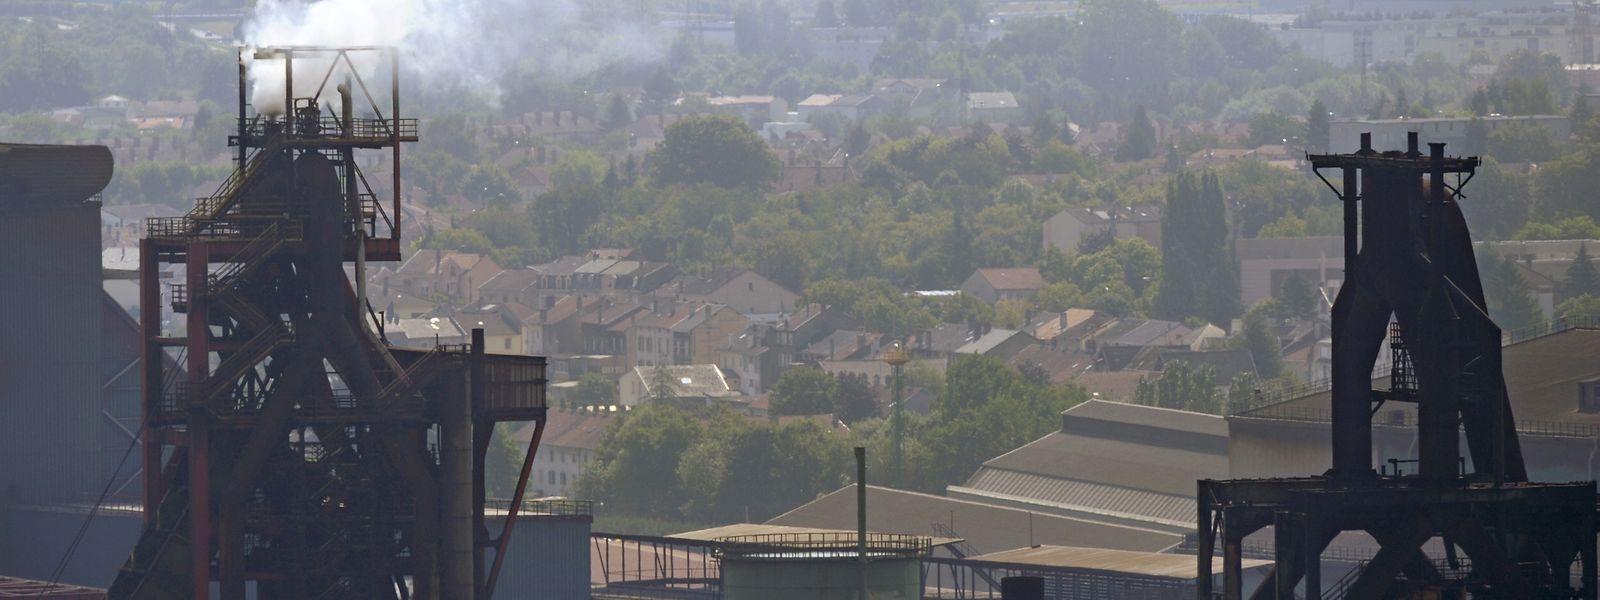 En huit mois, la Fensch a connu cinq épisodes de pollution en lien avec les activités sidérurgiques.